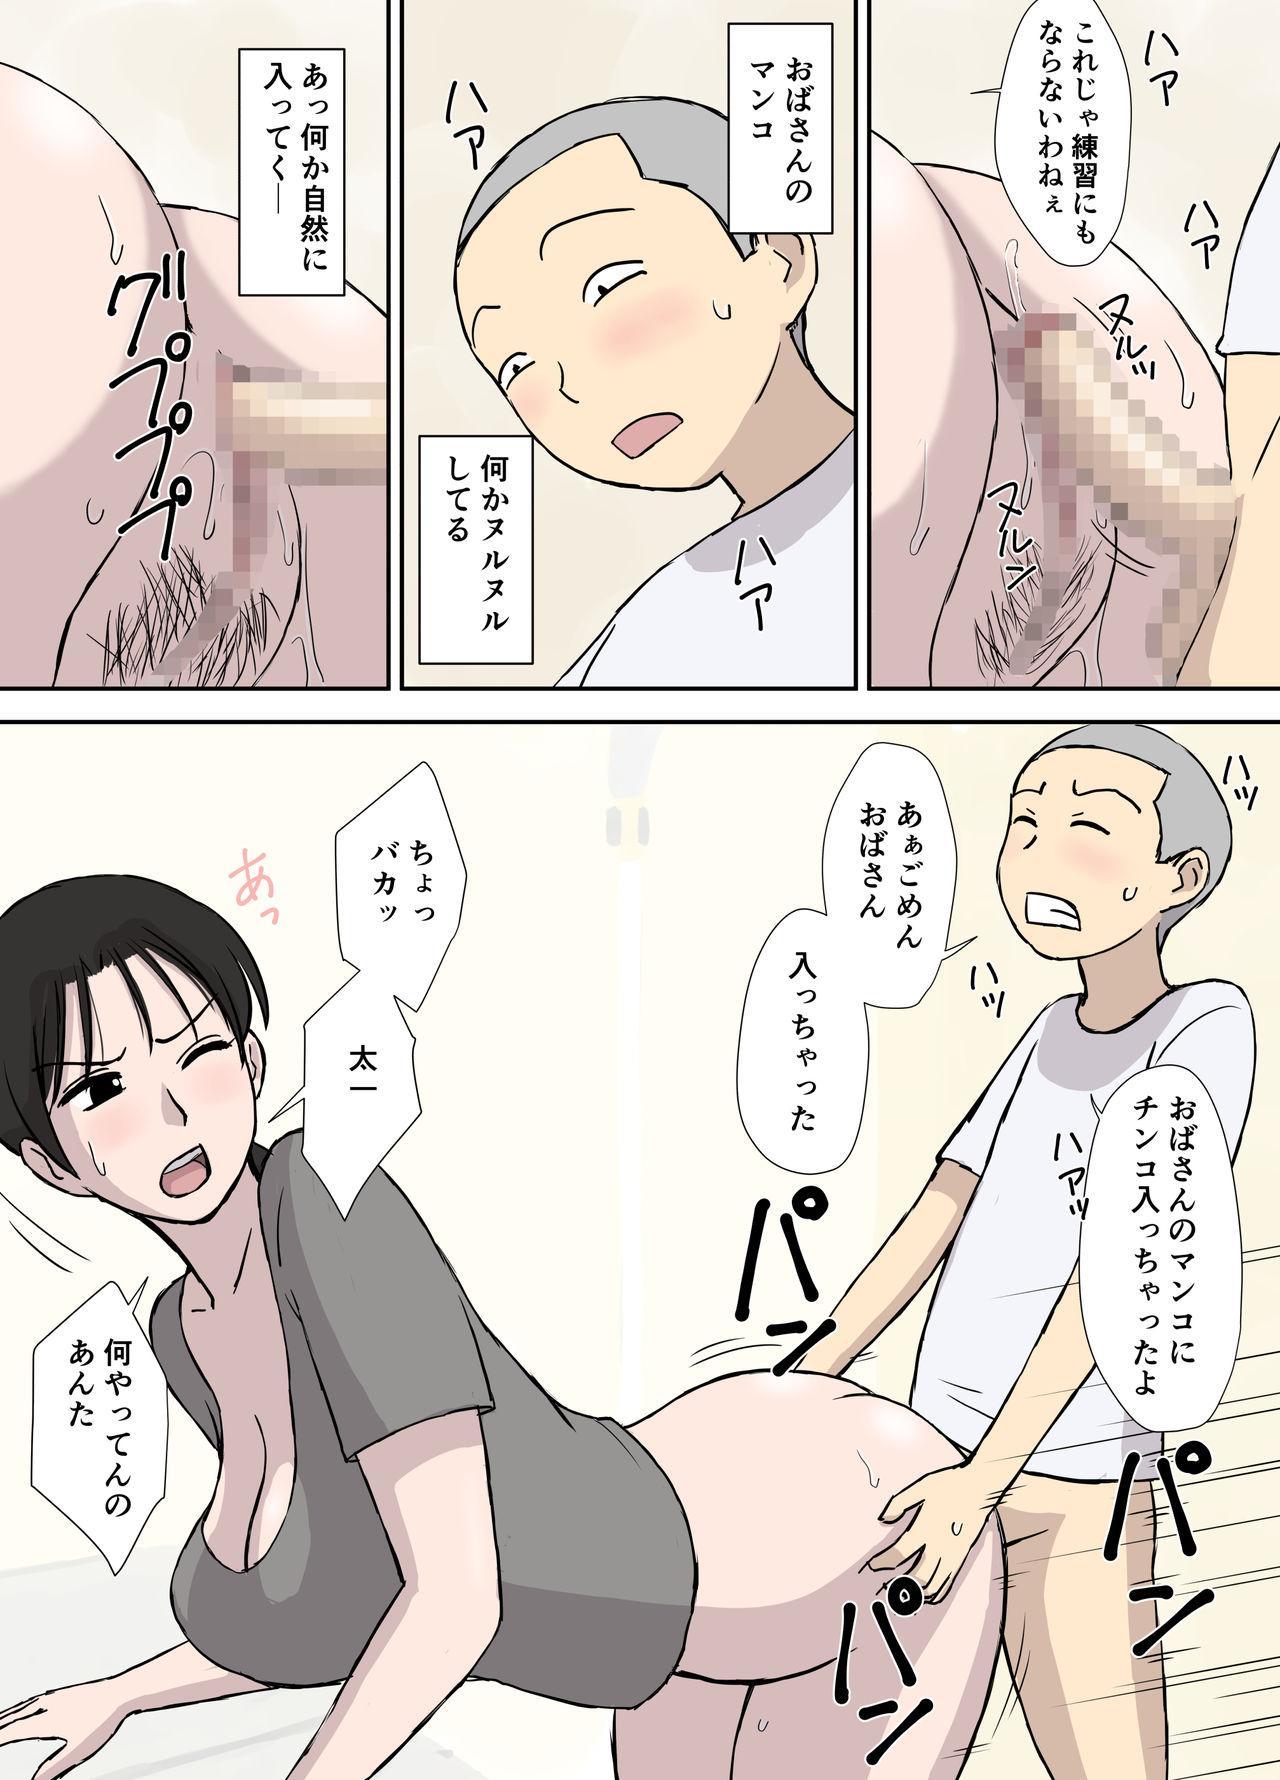 Makezugirai no Kyouko-san 12